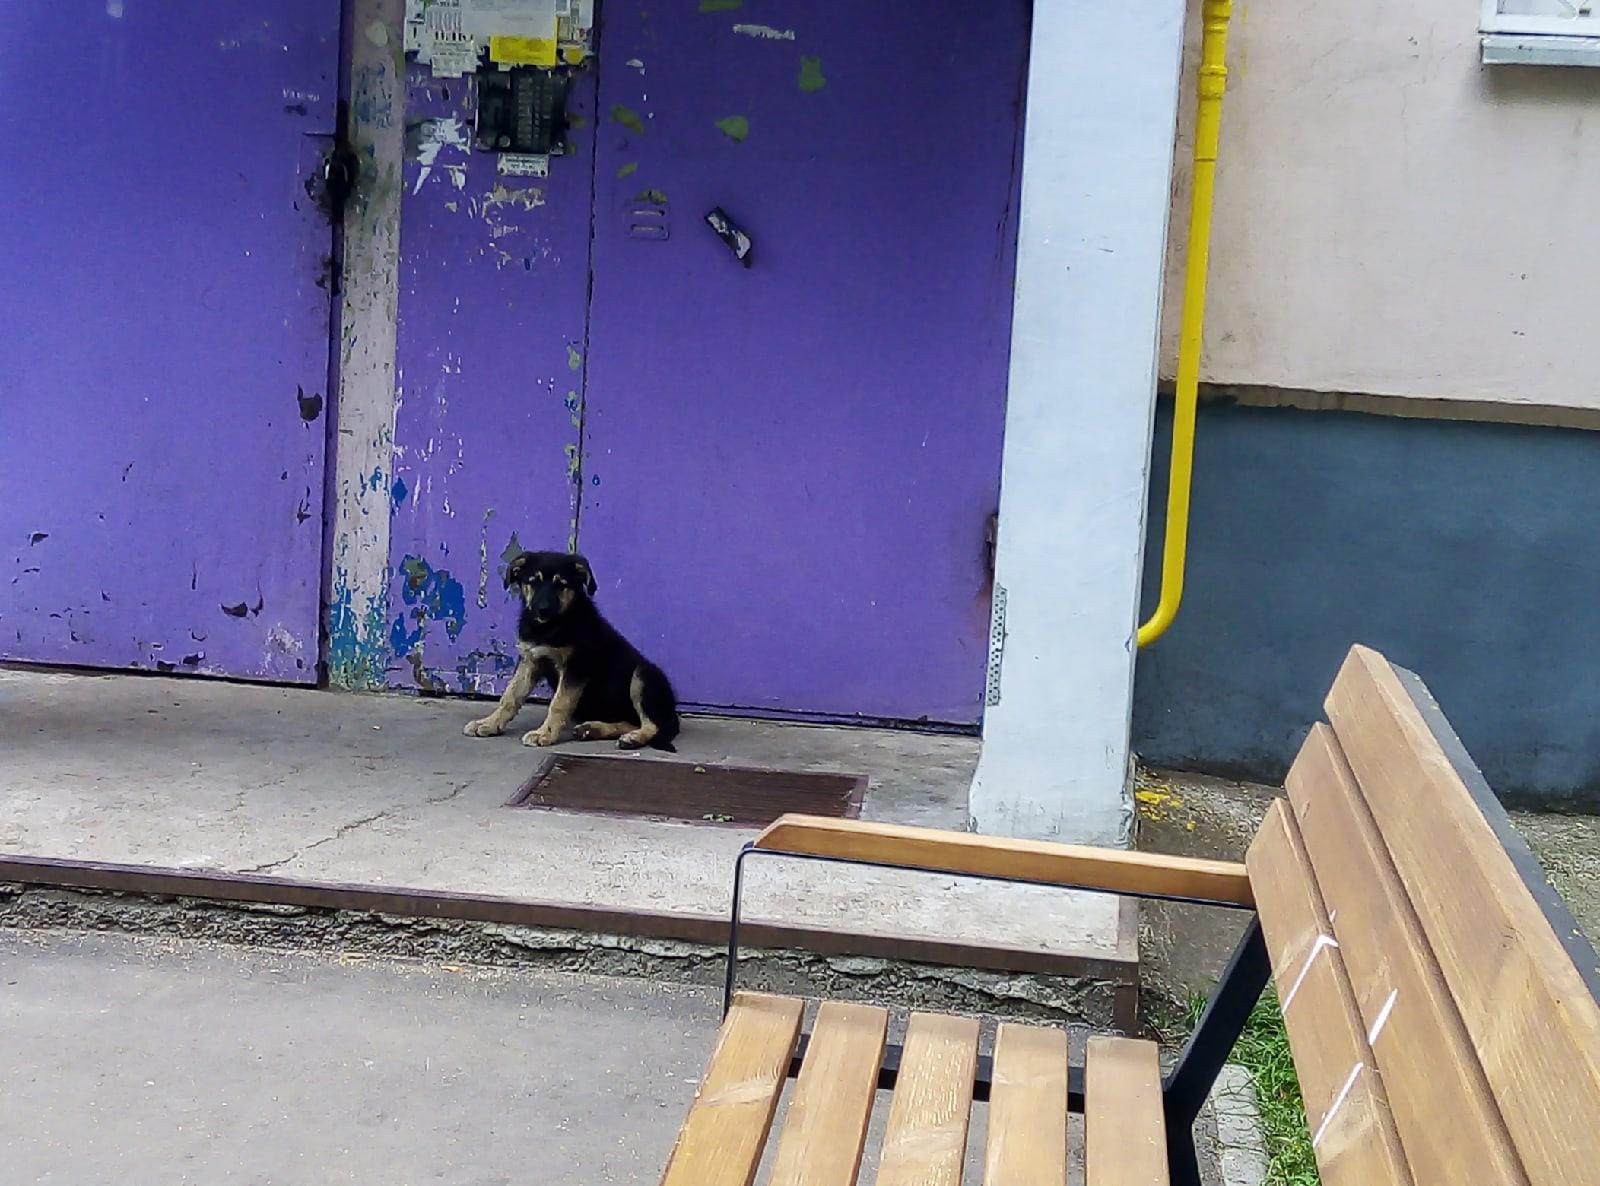 Добрый день! В 1 комплексе появились щенки.